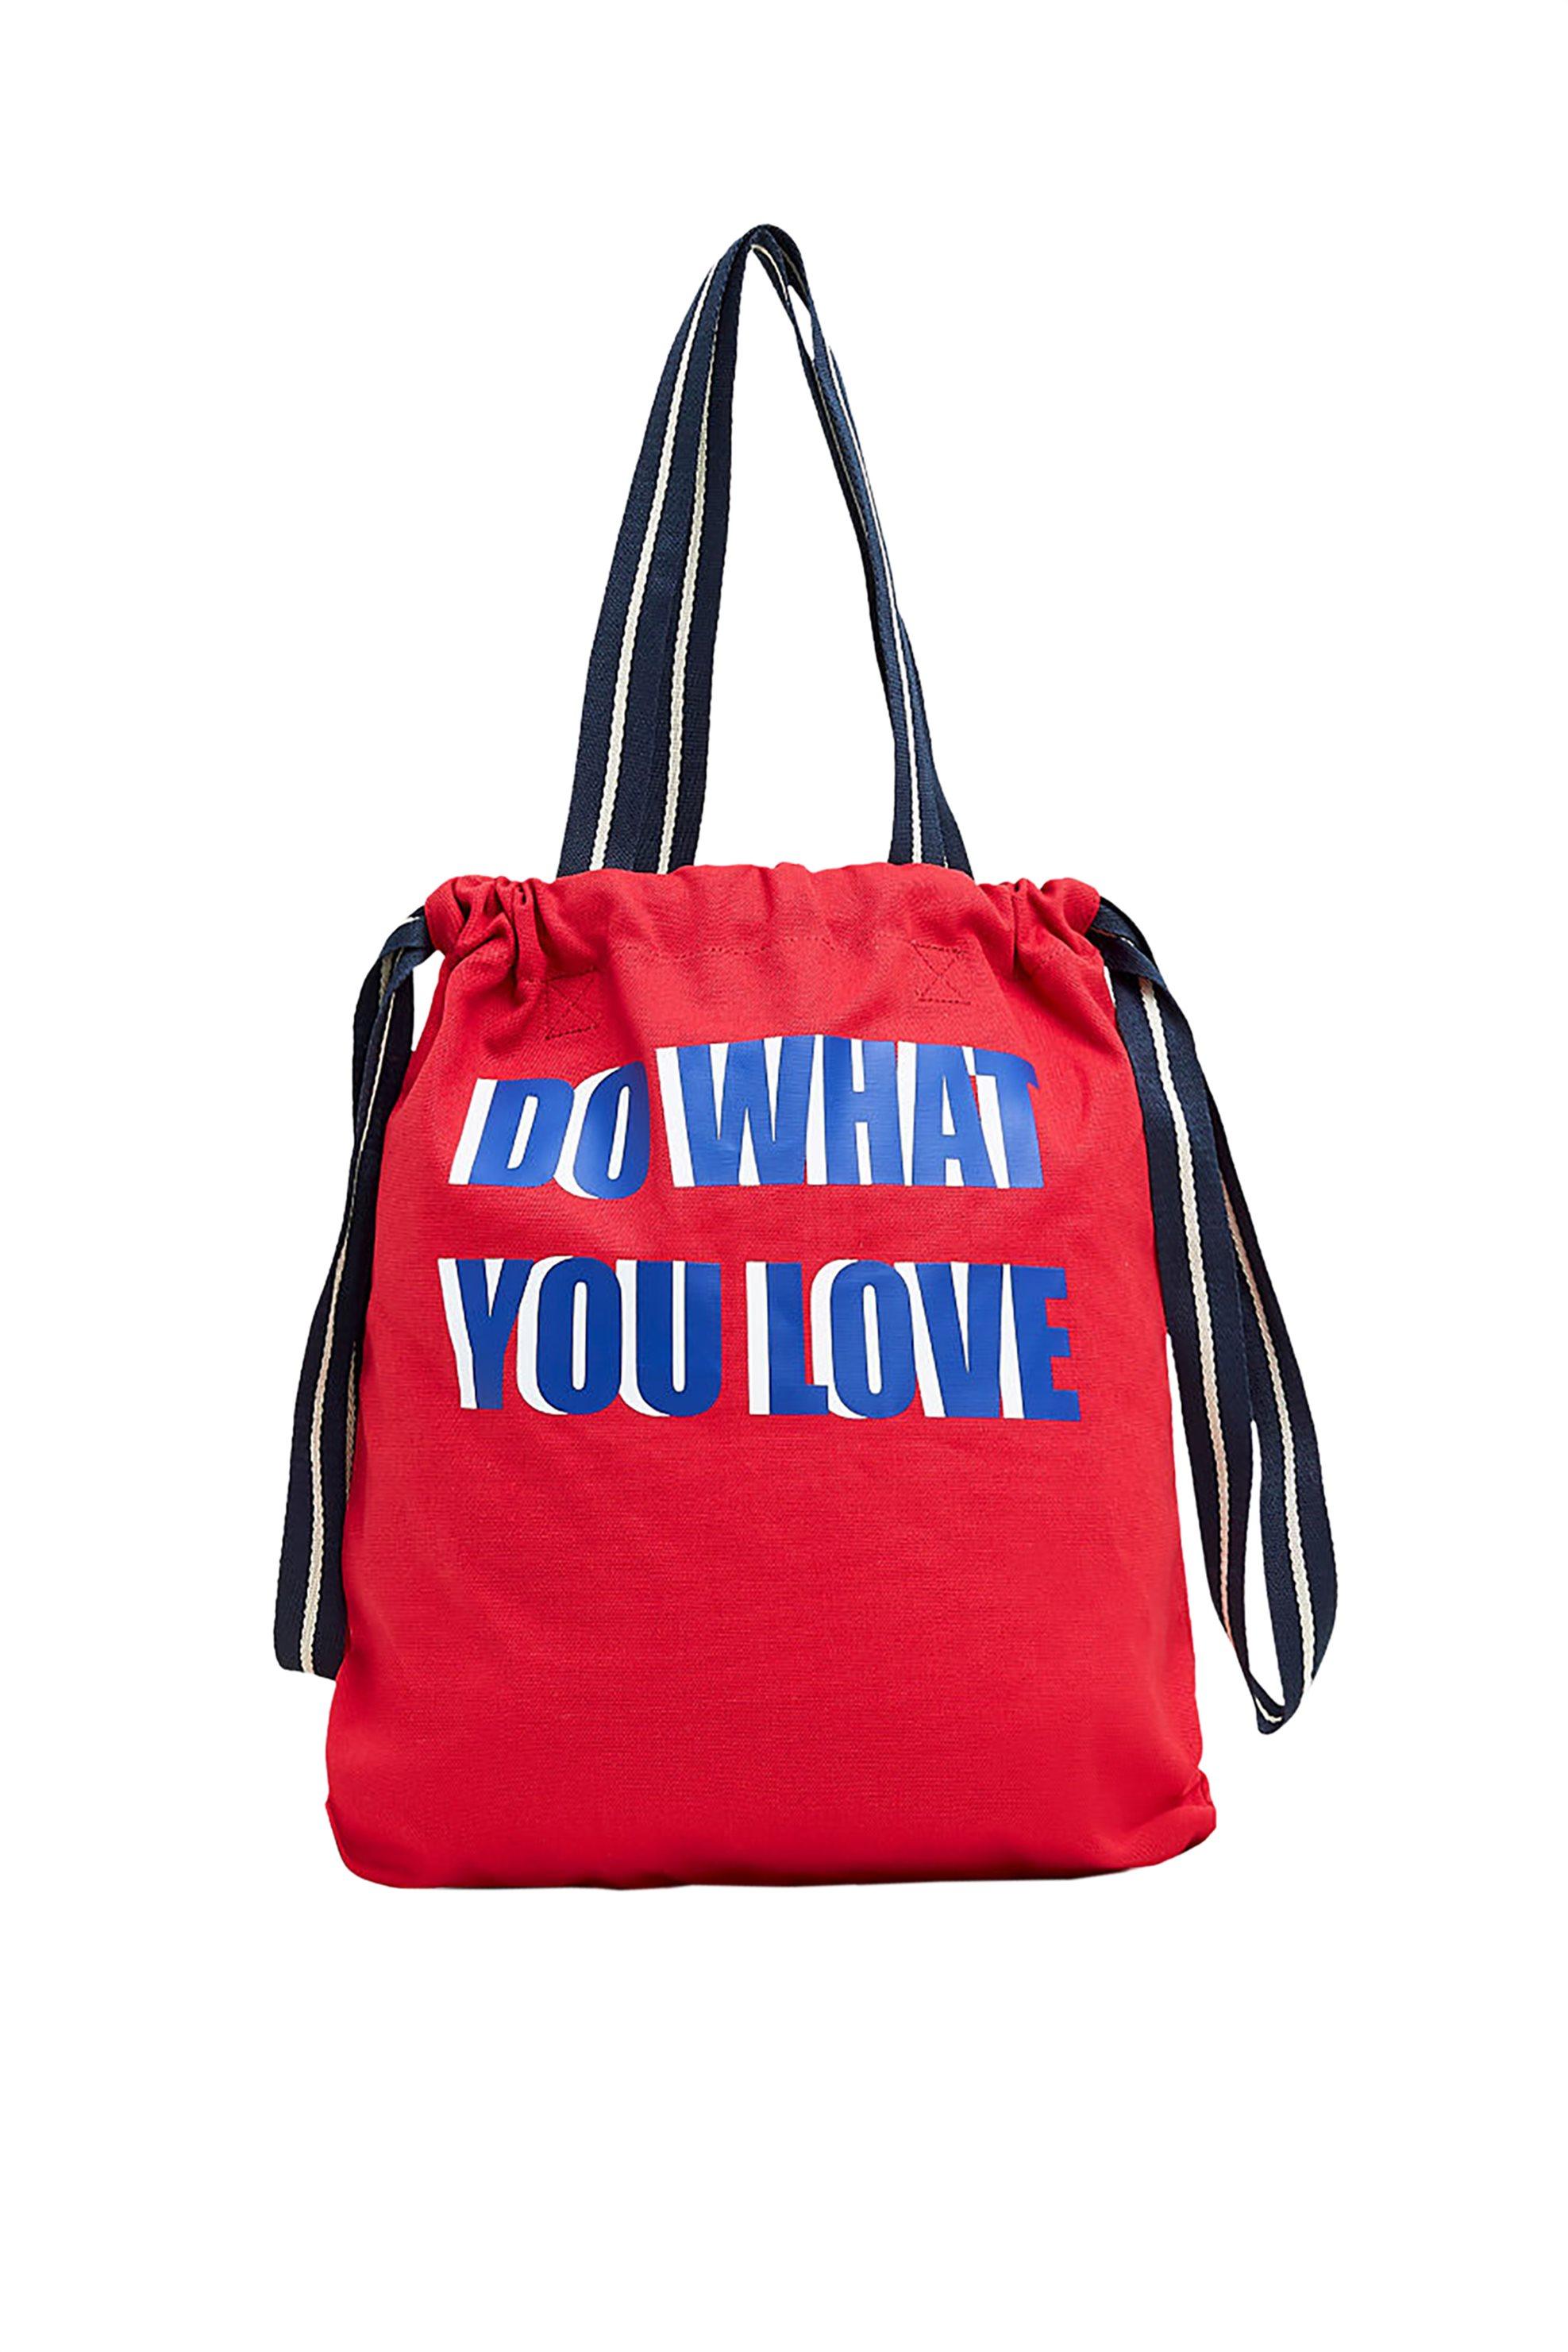 Esprit γυναικεία shopper τσάντα Canvas - 029EA1O035 - Κόκκινο